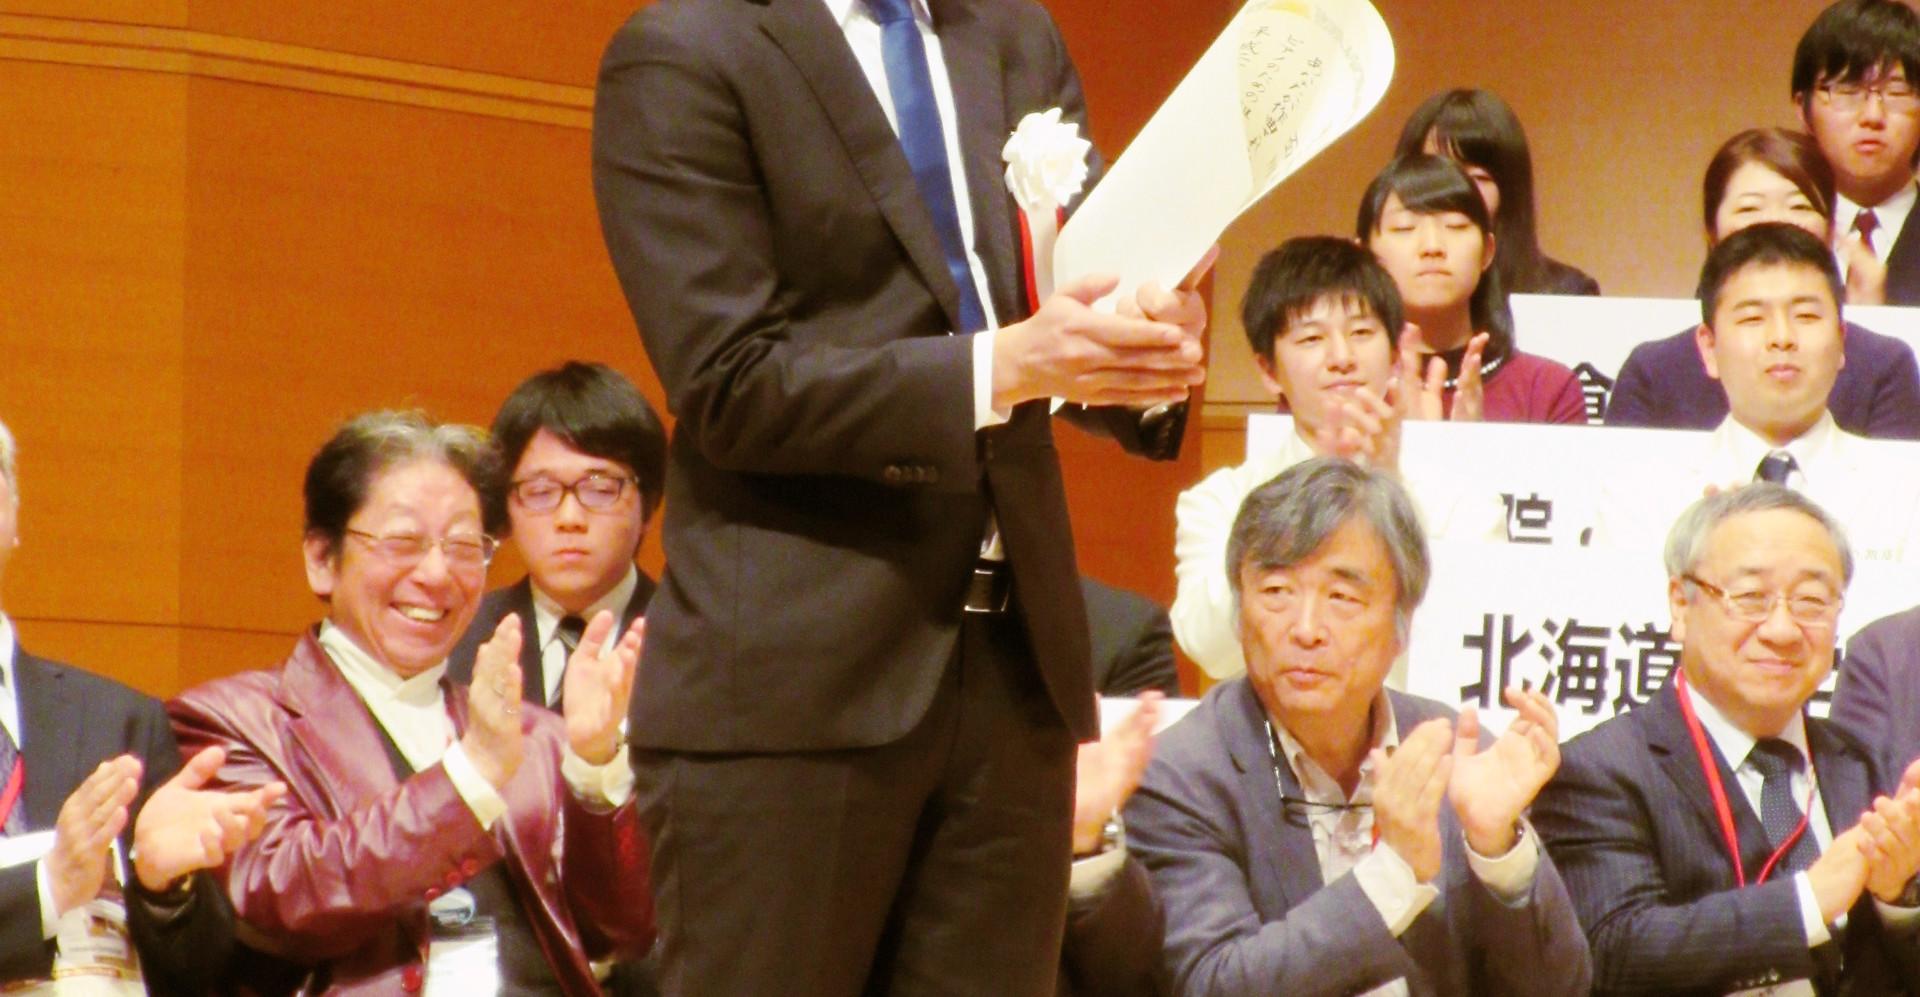 朝日作曲賞授賞式。  2016.11